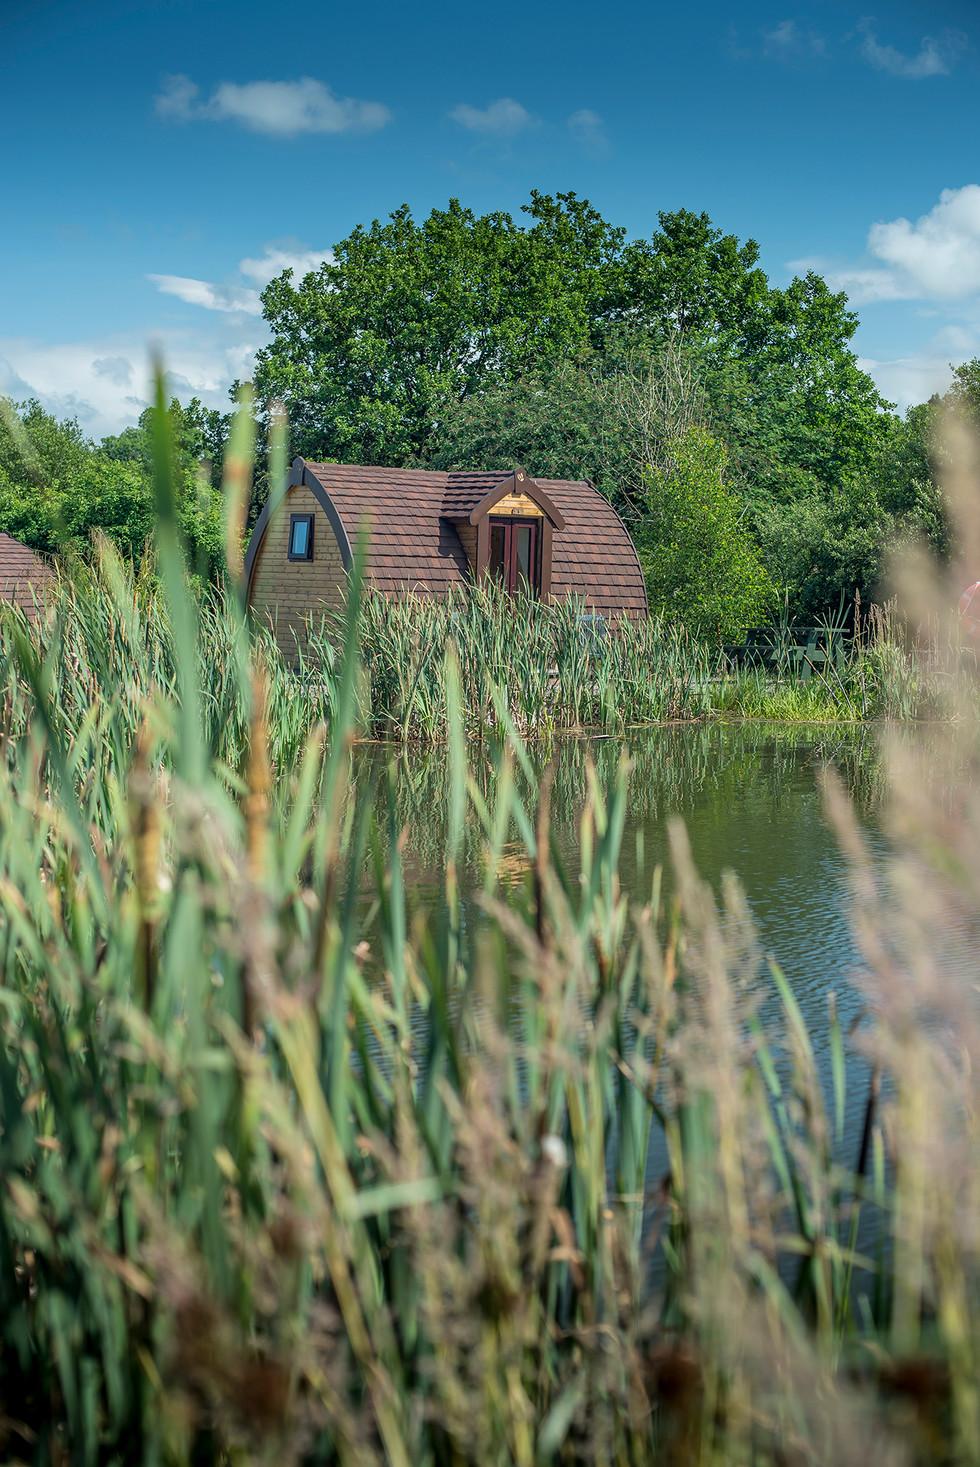 Maerdy Farm Cottages078.jpg